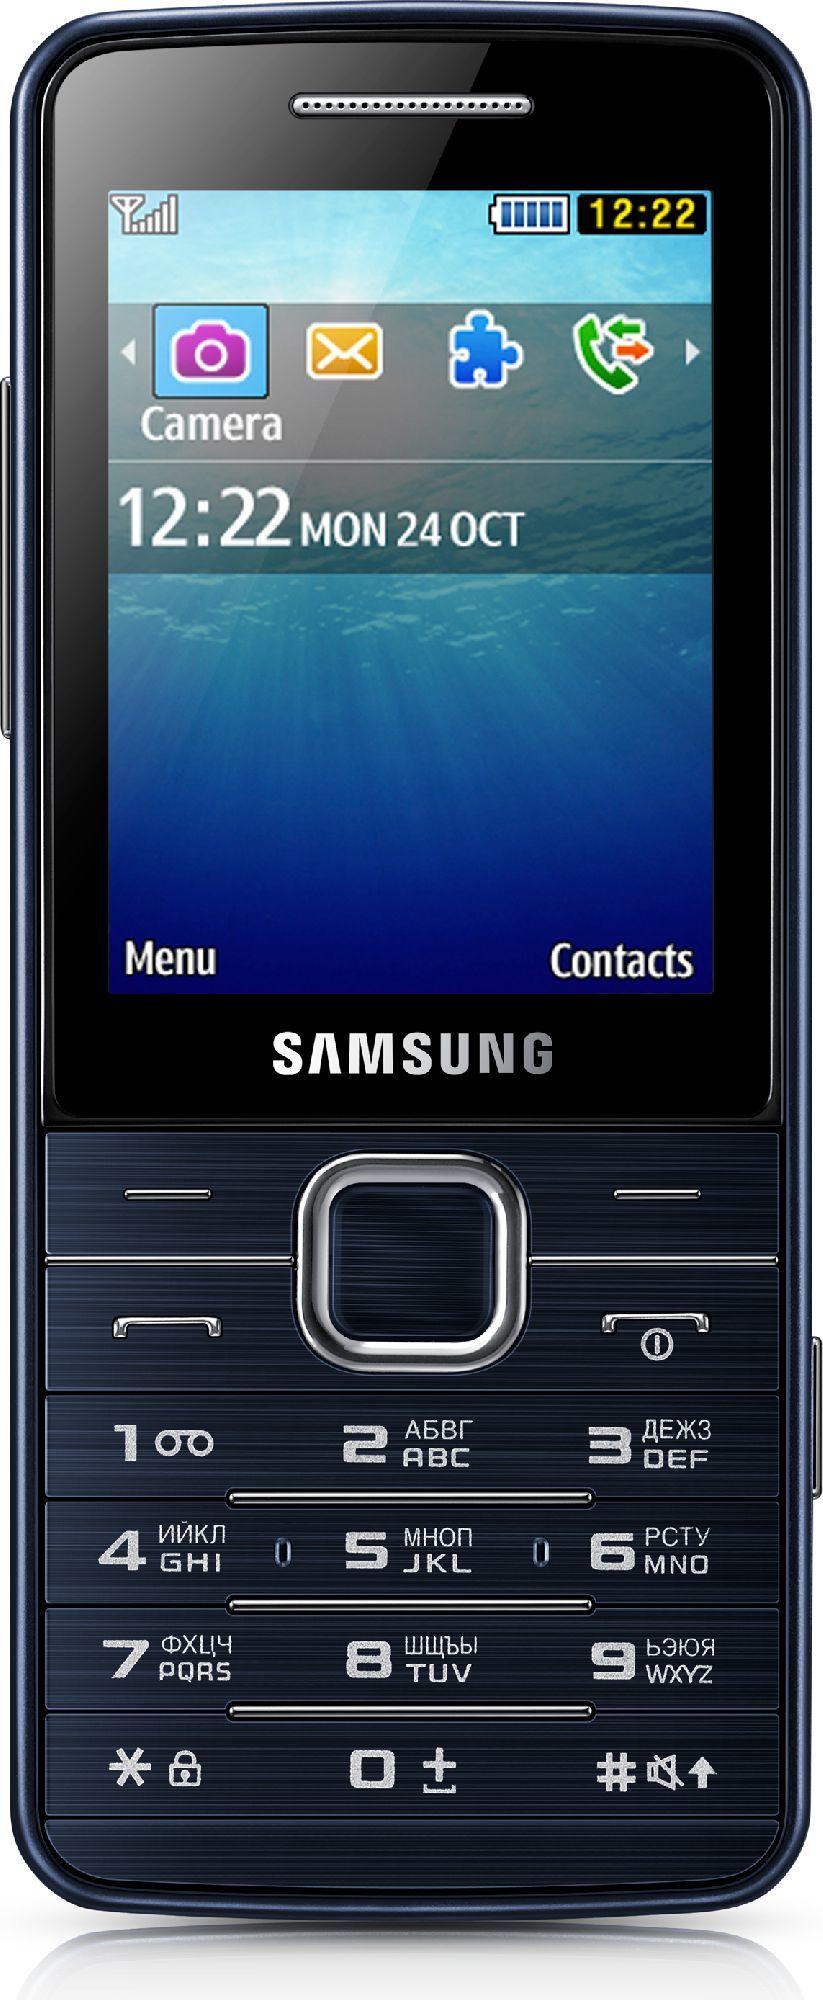 Telefon komórkowy Samsung GT-S5611 Utopia Primo Czarny (GT-S5611ZKAXEO) 1